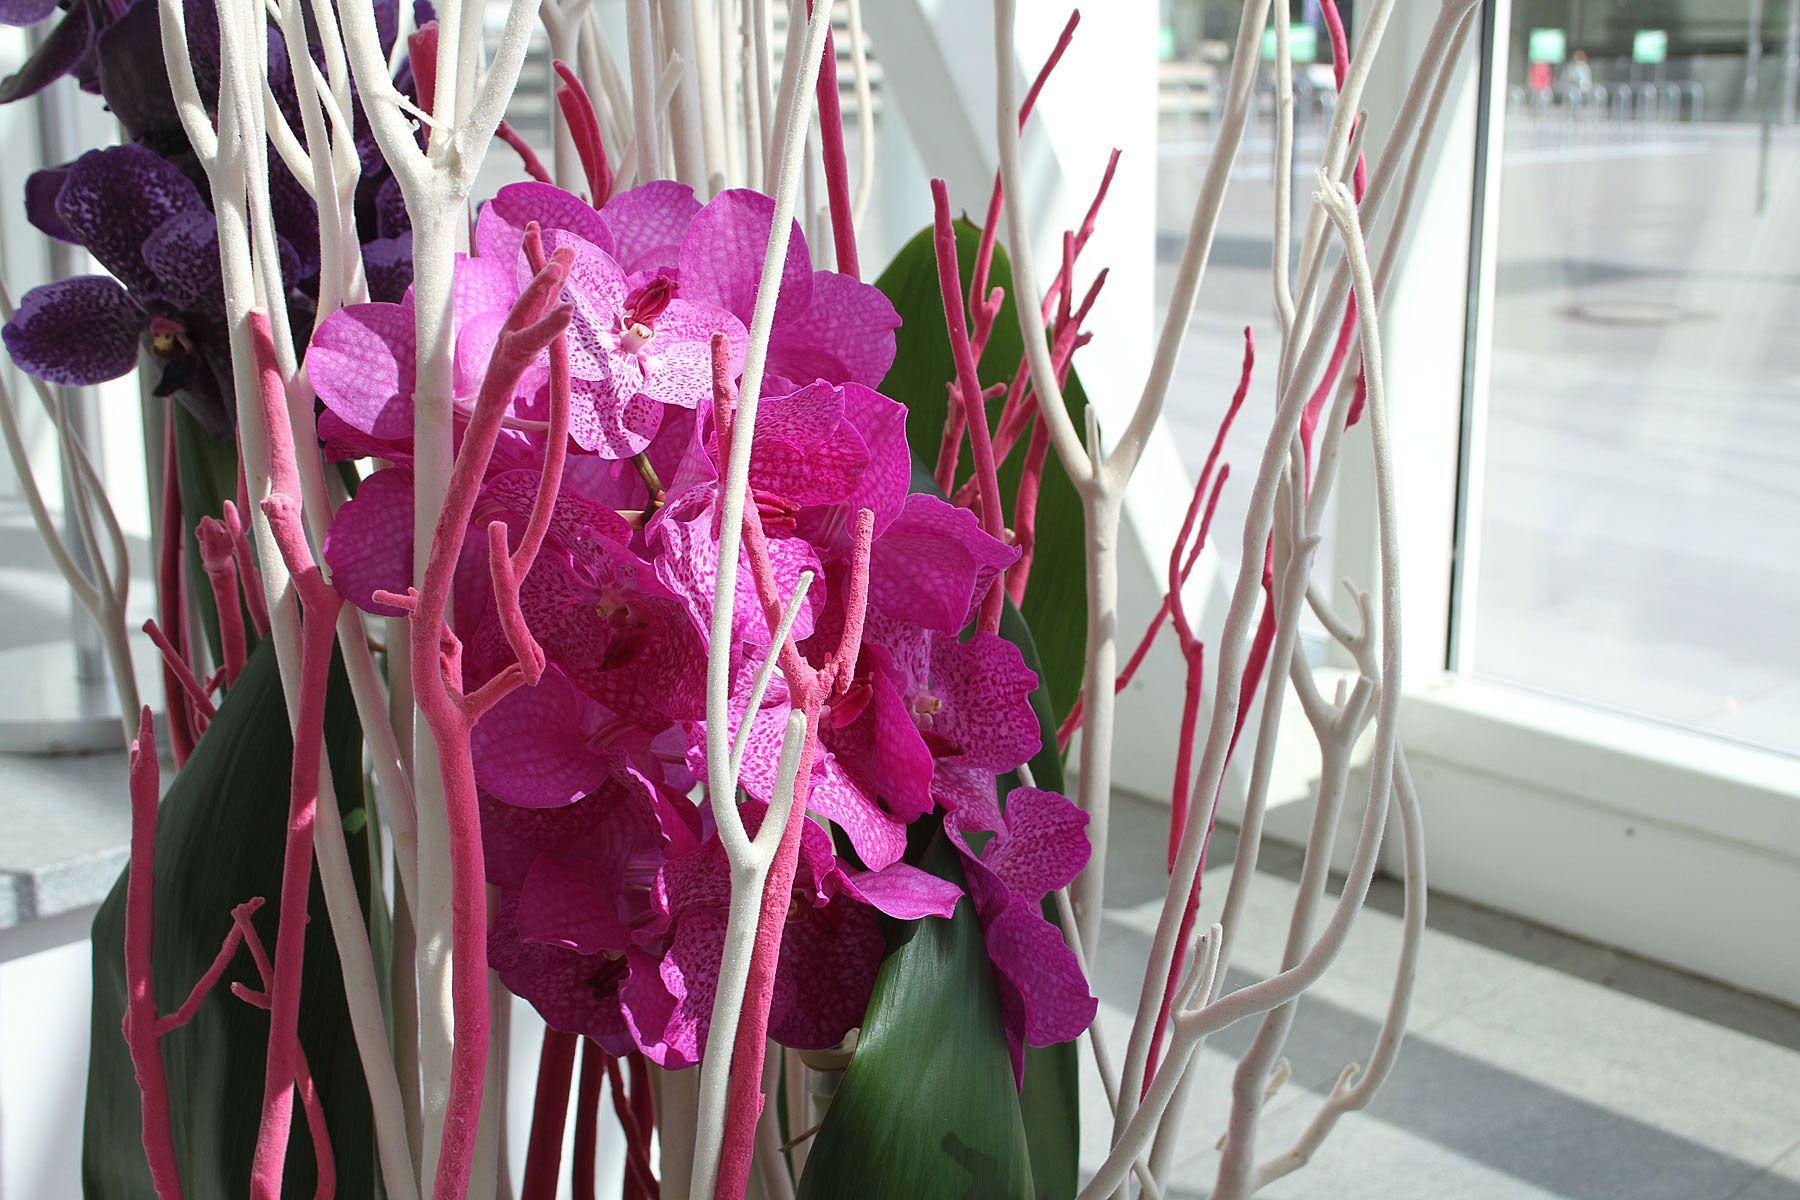 Wachsen Und Eignen Sich Gut Fur Die Dekoration Von Hohen Raumen Raumwirkung Zeigen Grosse Bluten In Kraftigem Violett U Orchideen Bodenvase Dekorieren Pflanzen